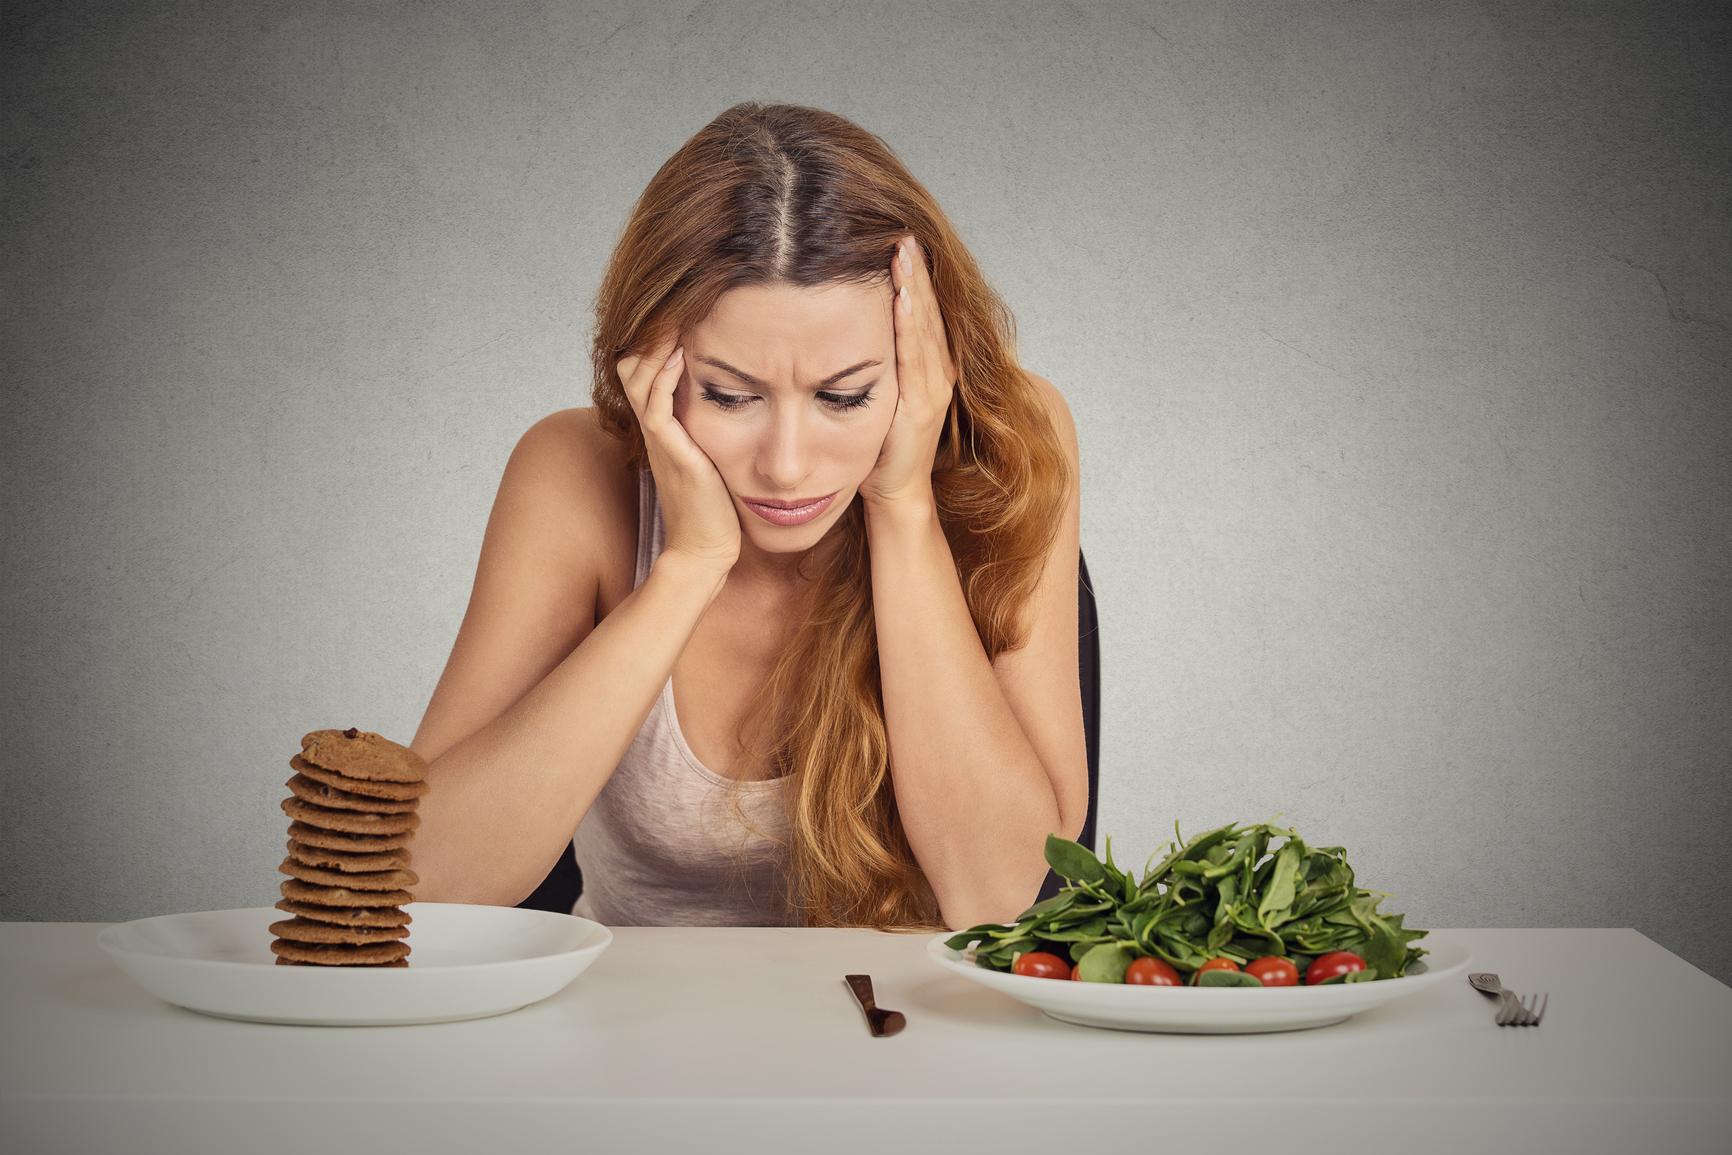 Ученые: лишний вес негативно влияет на психику человека